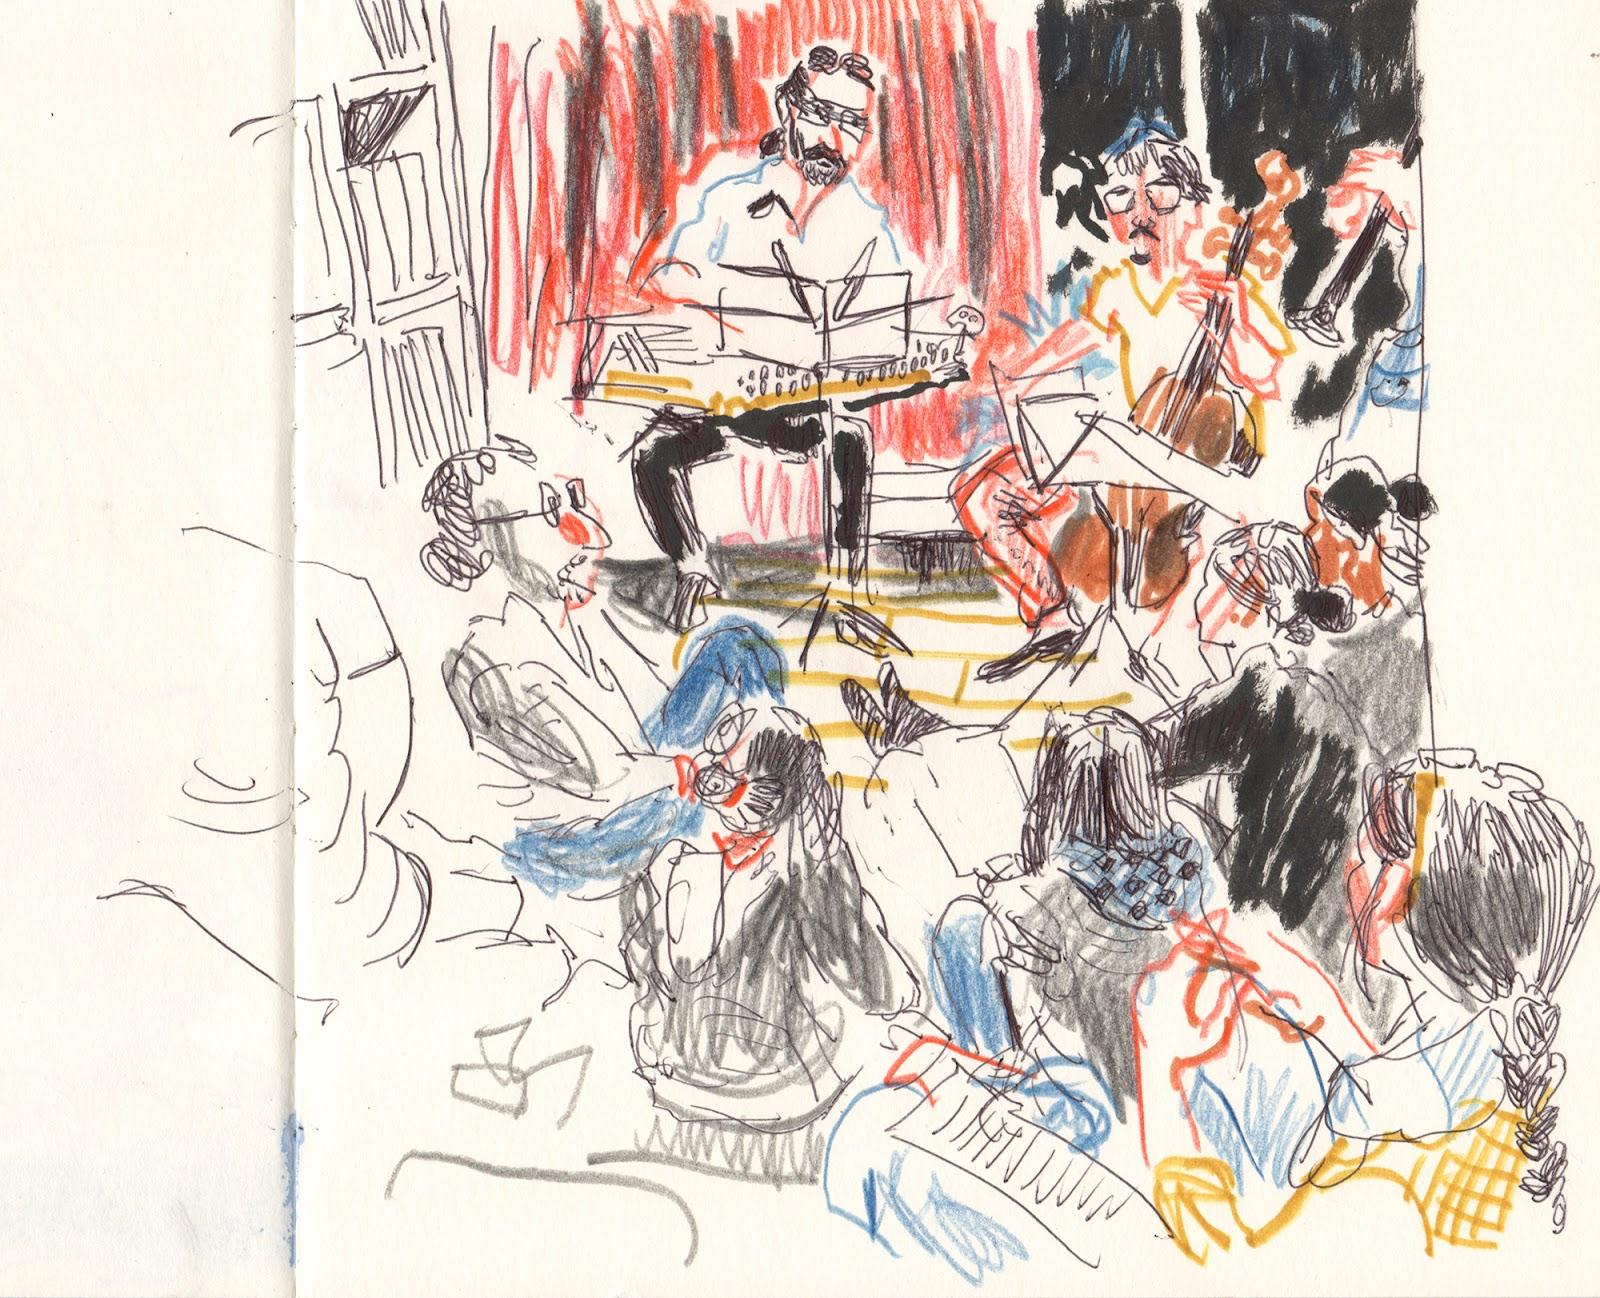 living room concerts. Living room concerts in Ledeberg  Ghent Urban Sketchers